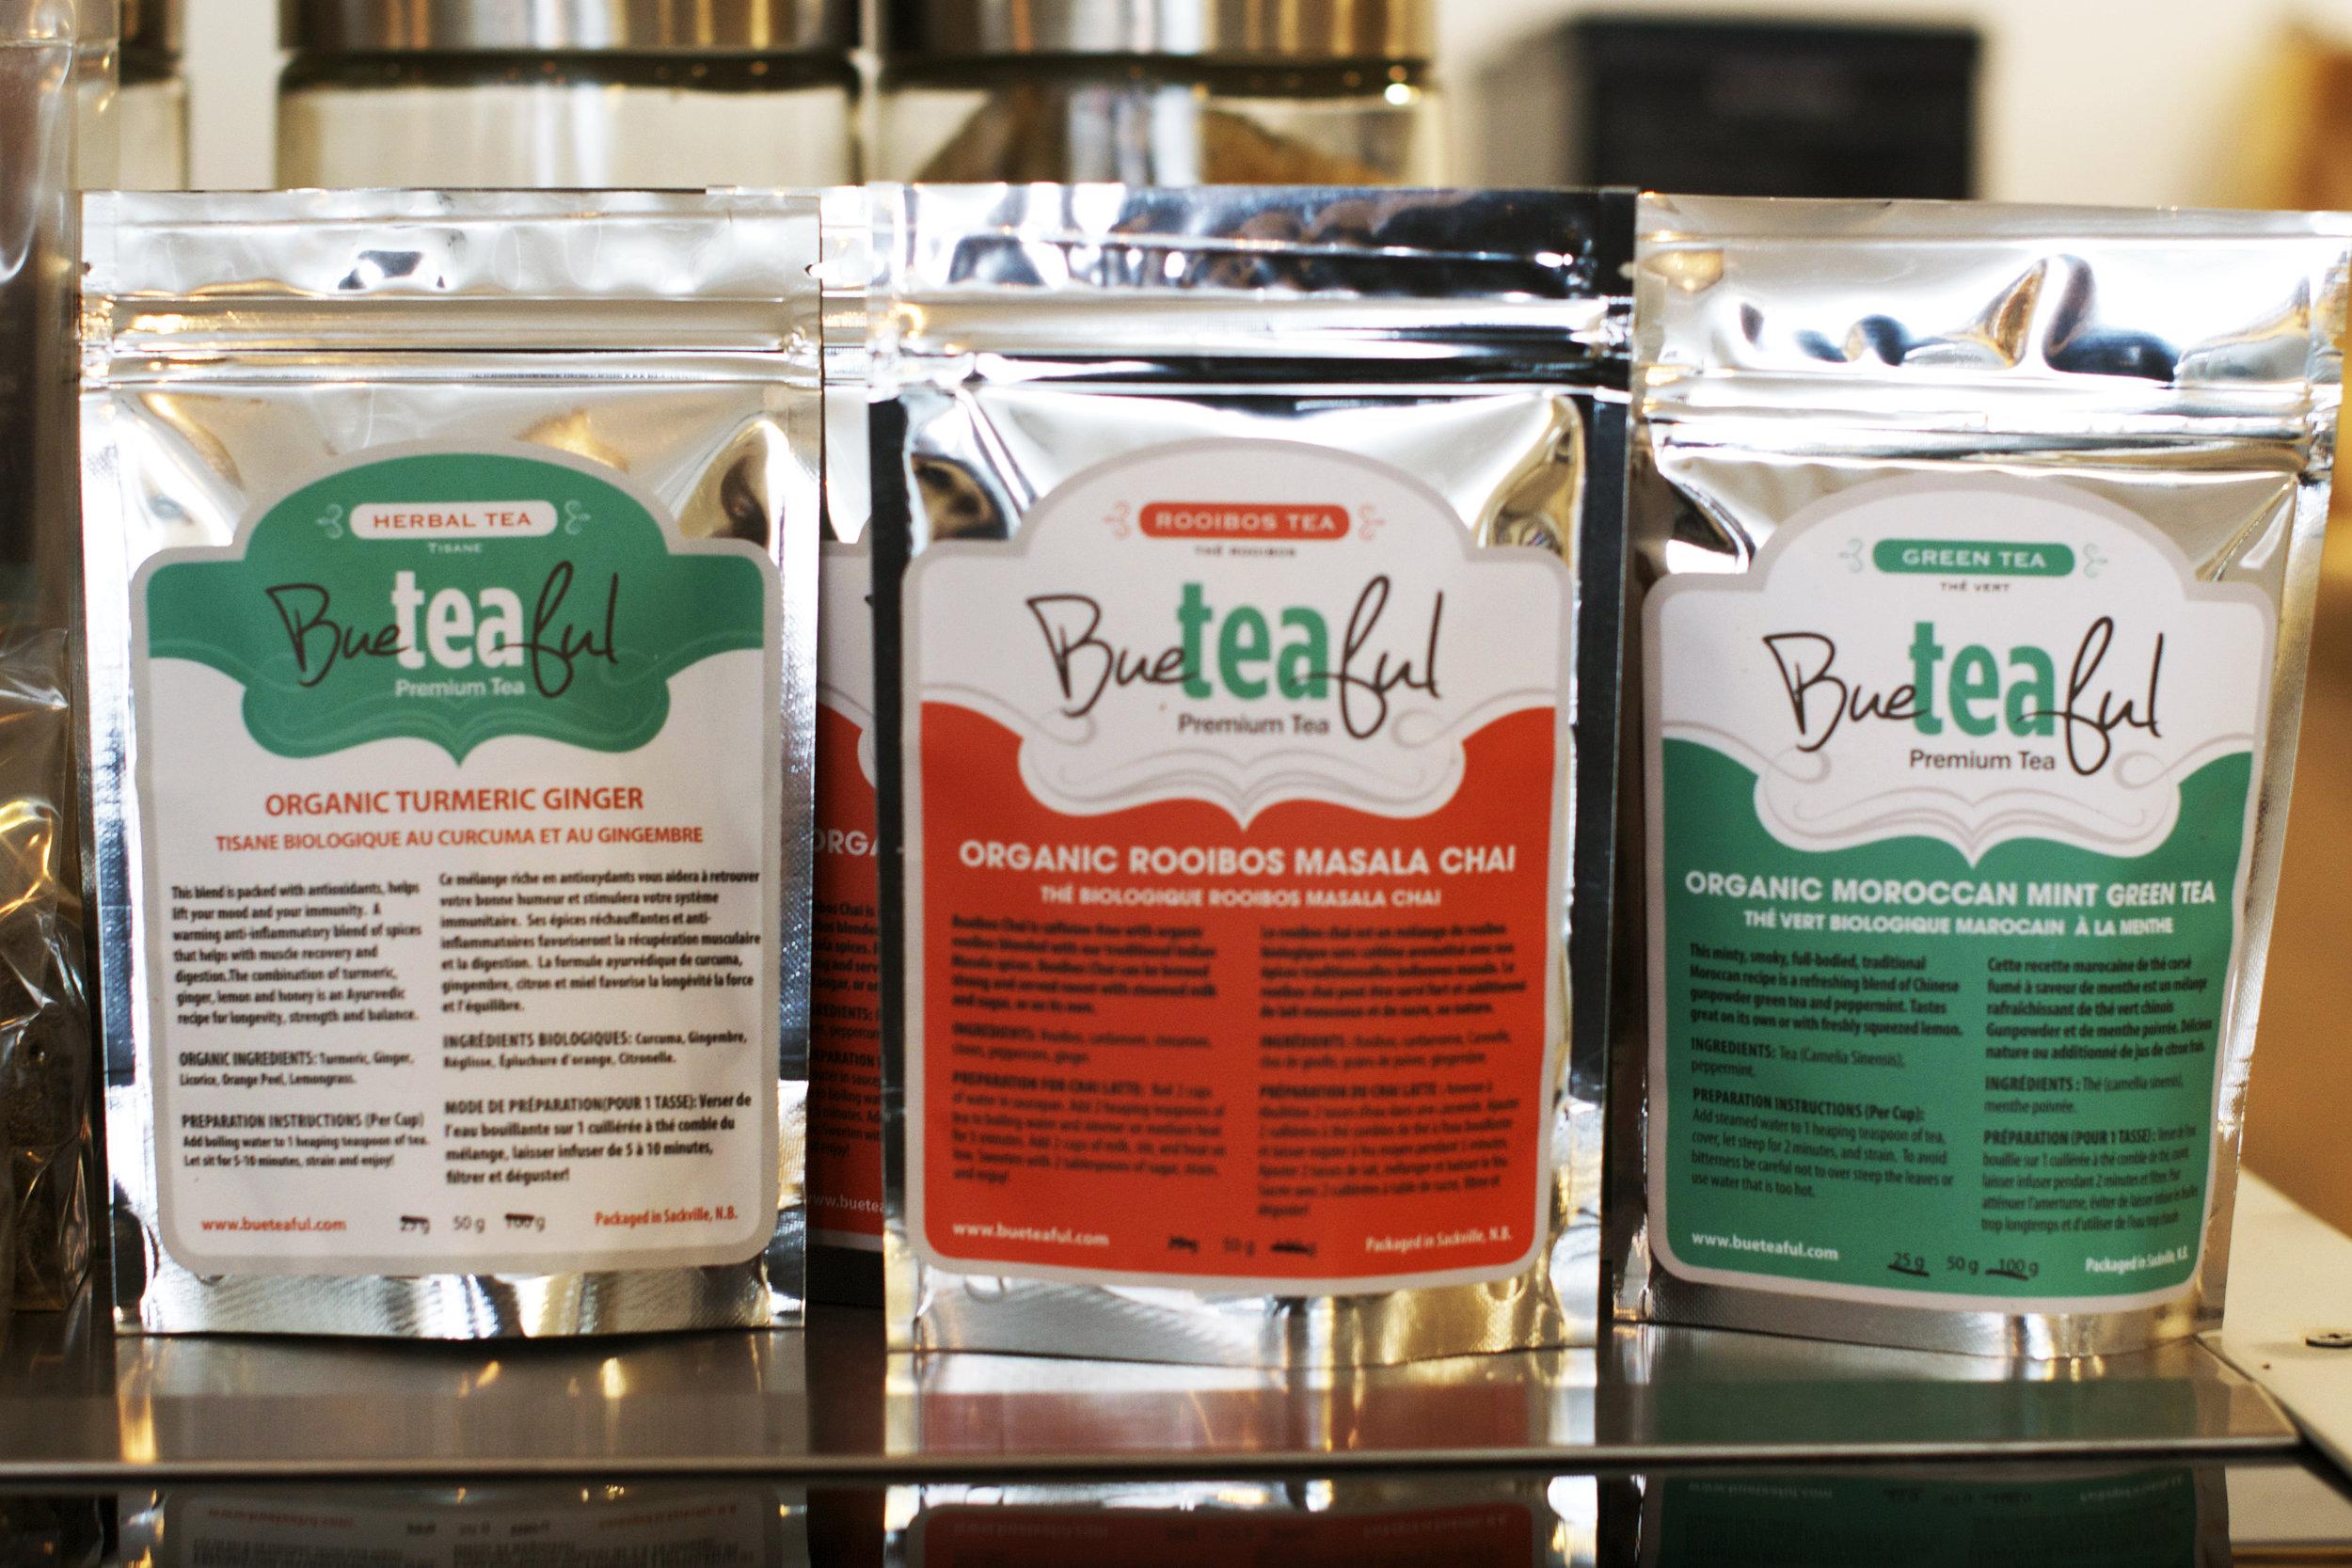 Bue-tea-ful-teas-for-sale.jpg